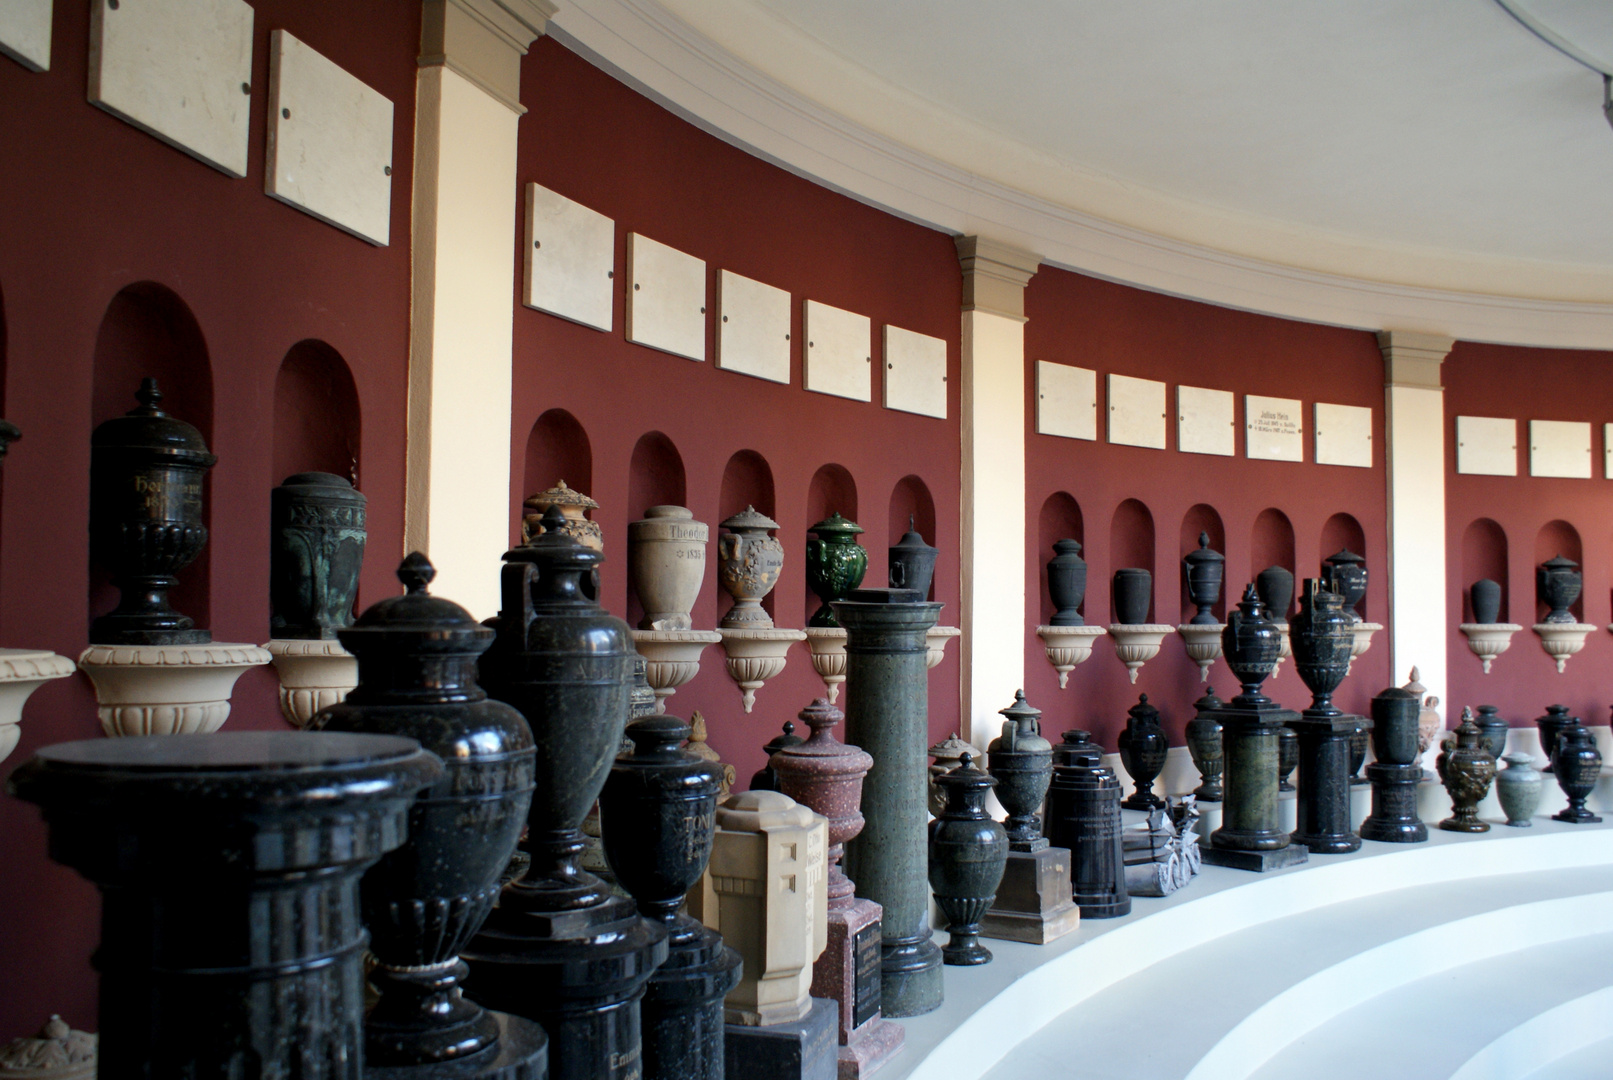 Kolumbarium des ältesten Krematoriums Deutschlands